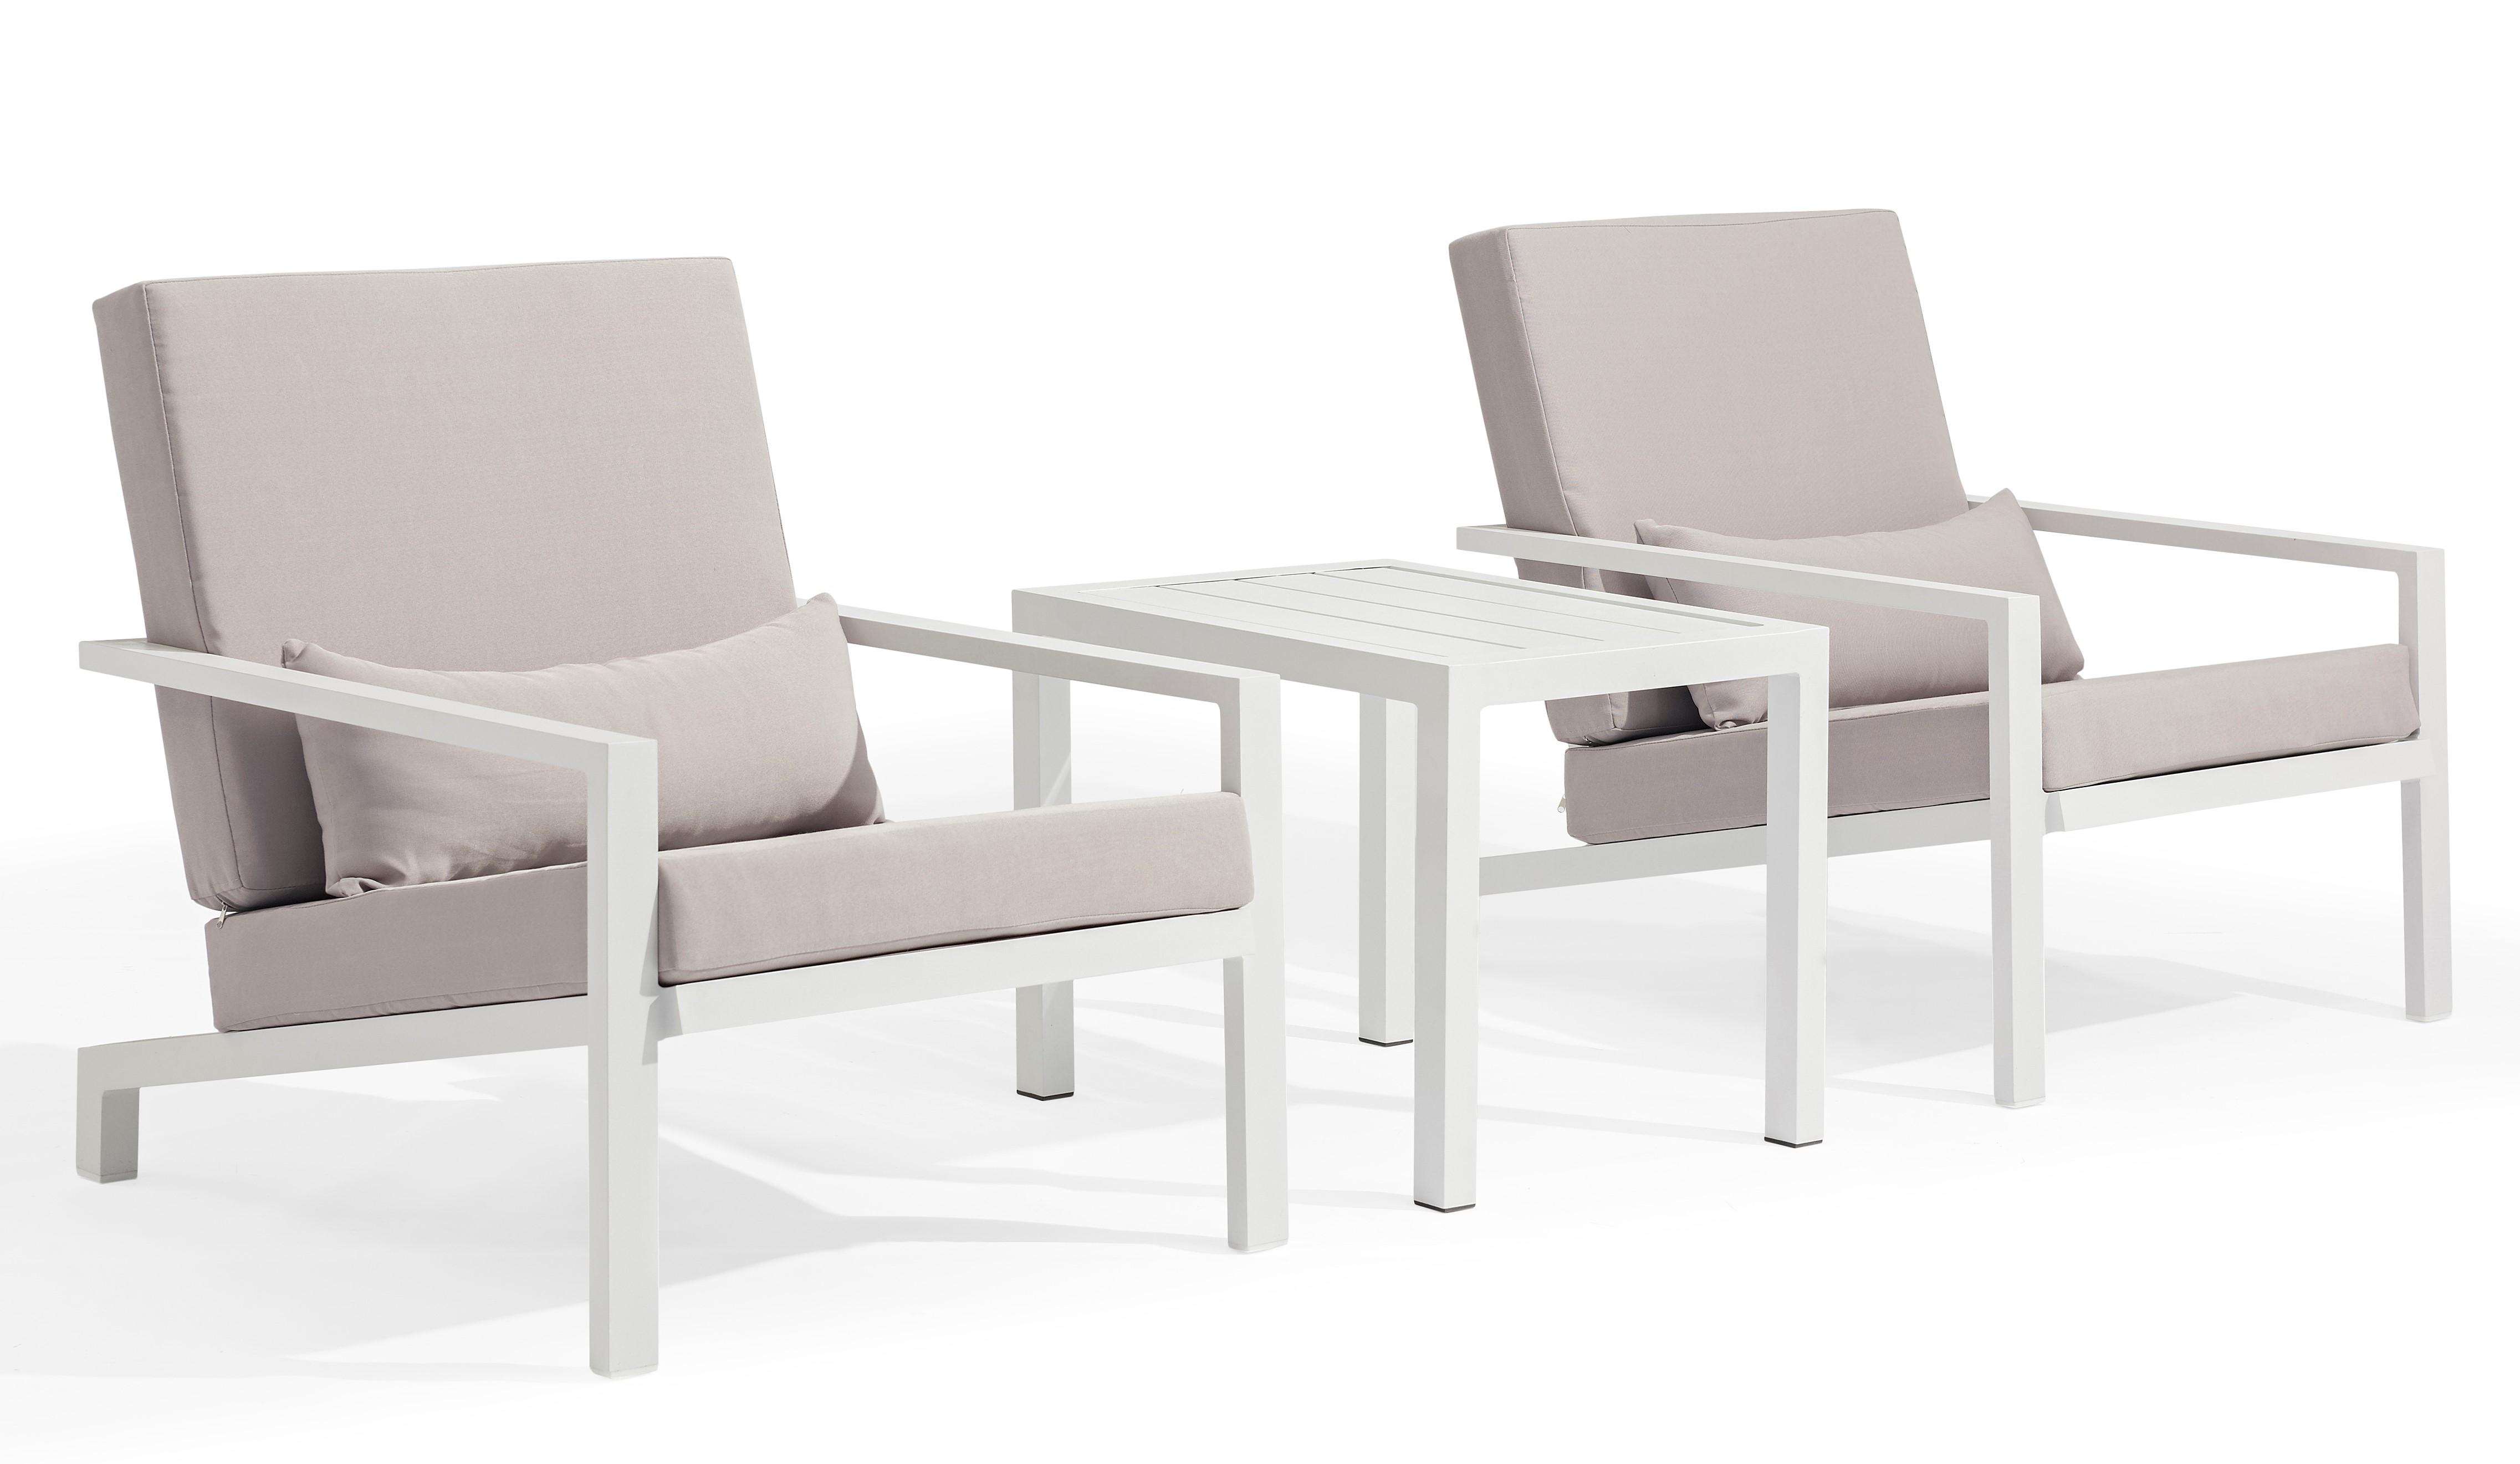 Salon de Jardin FUN 3 pièces en aluminium blanc gris et coussins tissu gris  clair